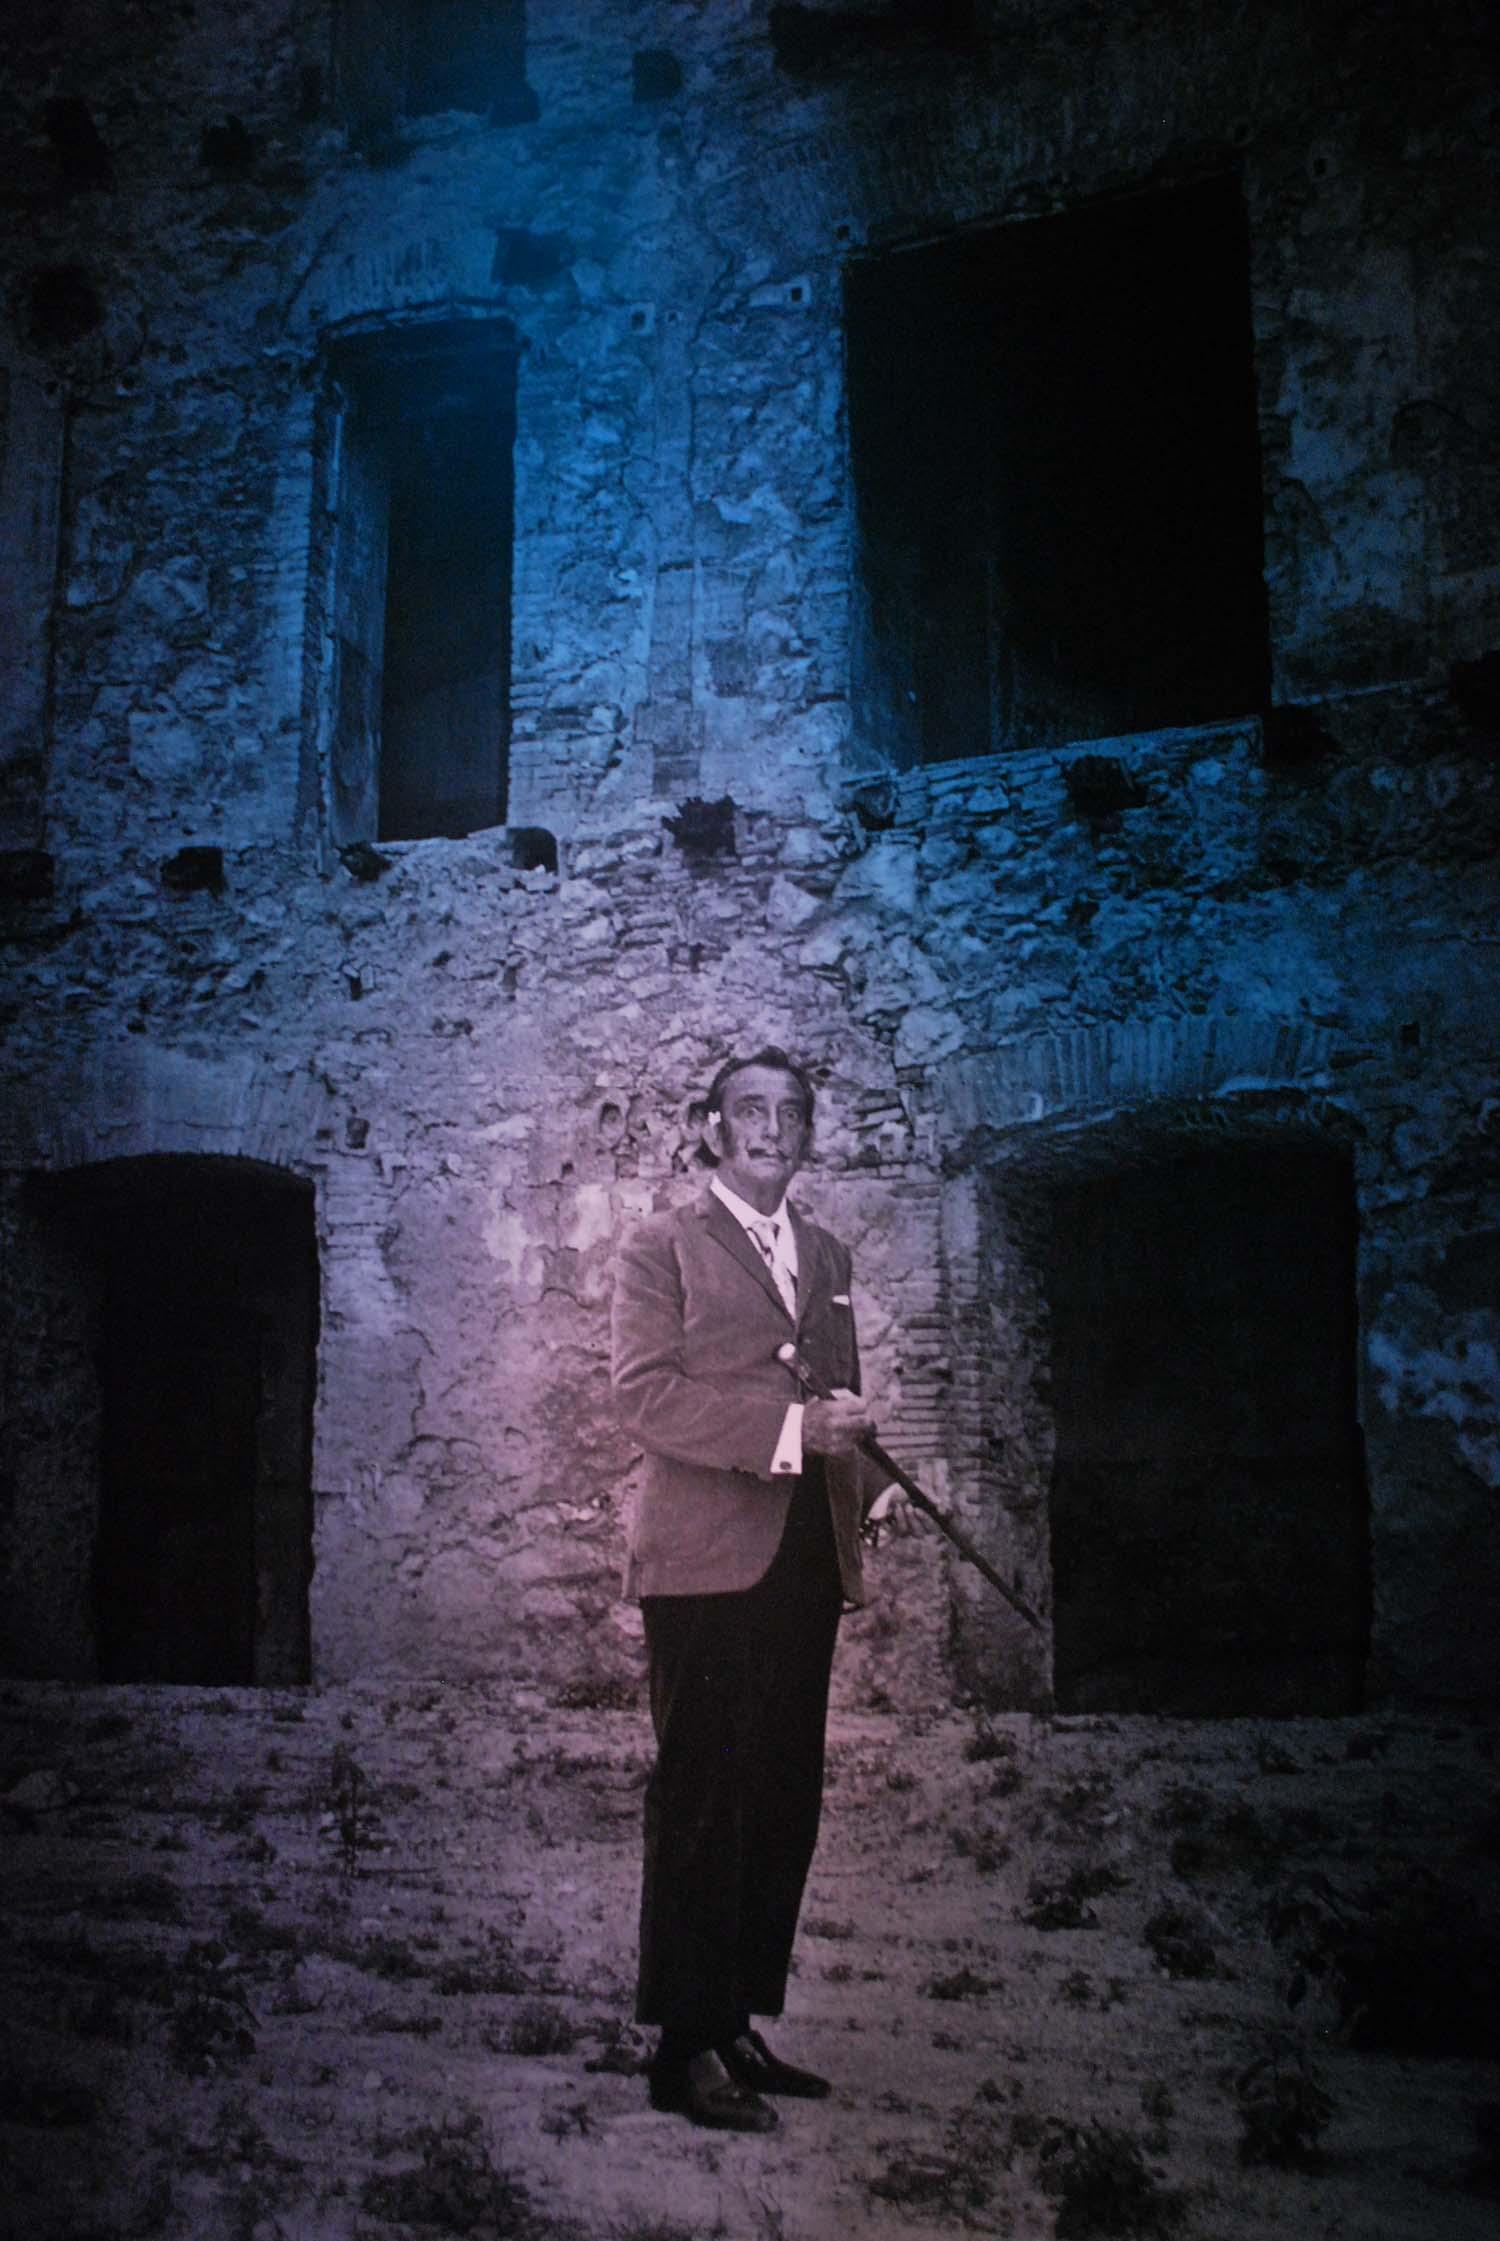 Dali-il-sogno-del-classico-palazzo-blu-pisa-2016